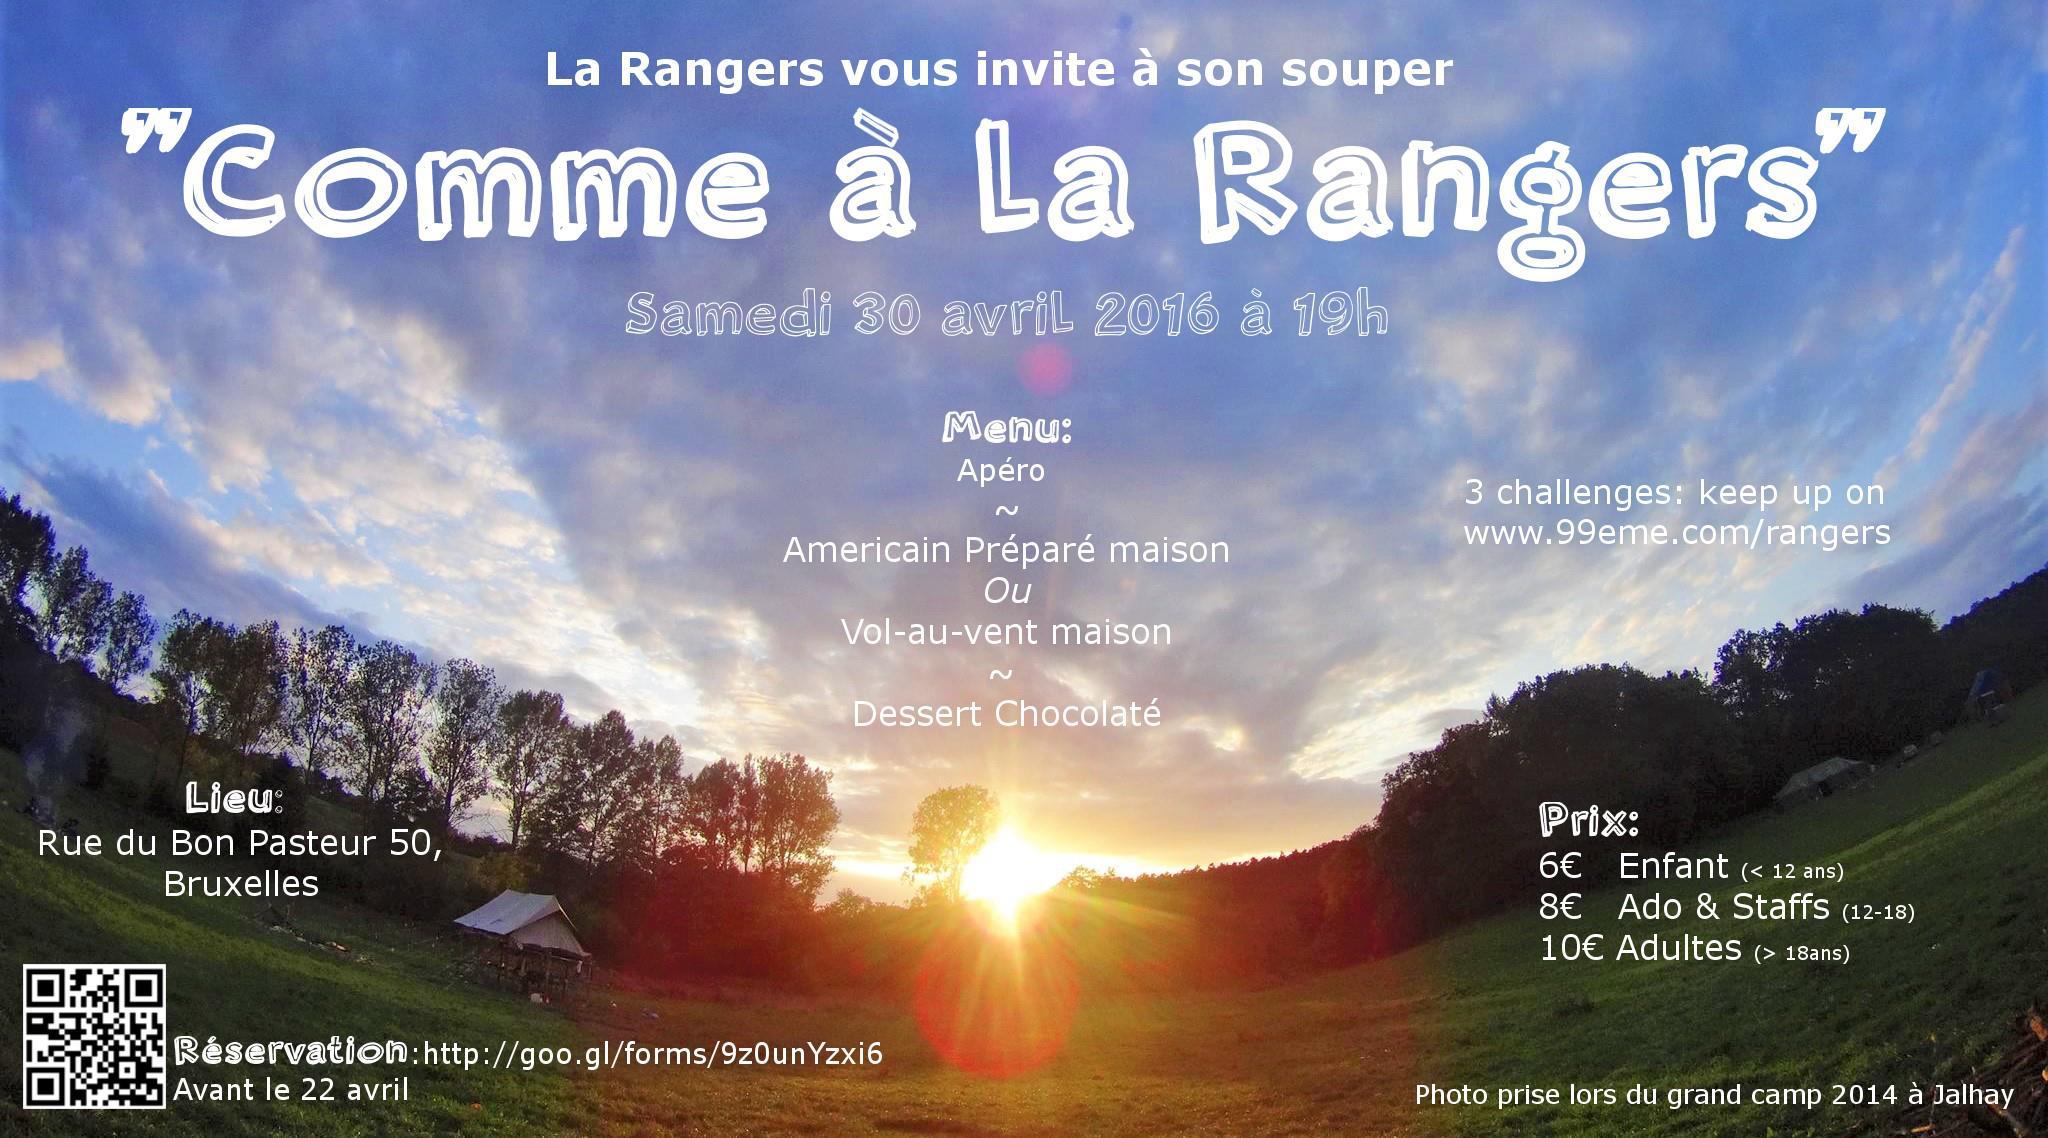 Affiche souper Rangers 2016